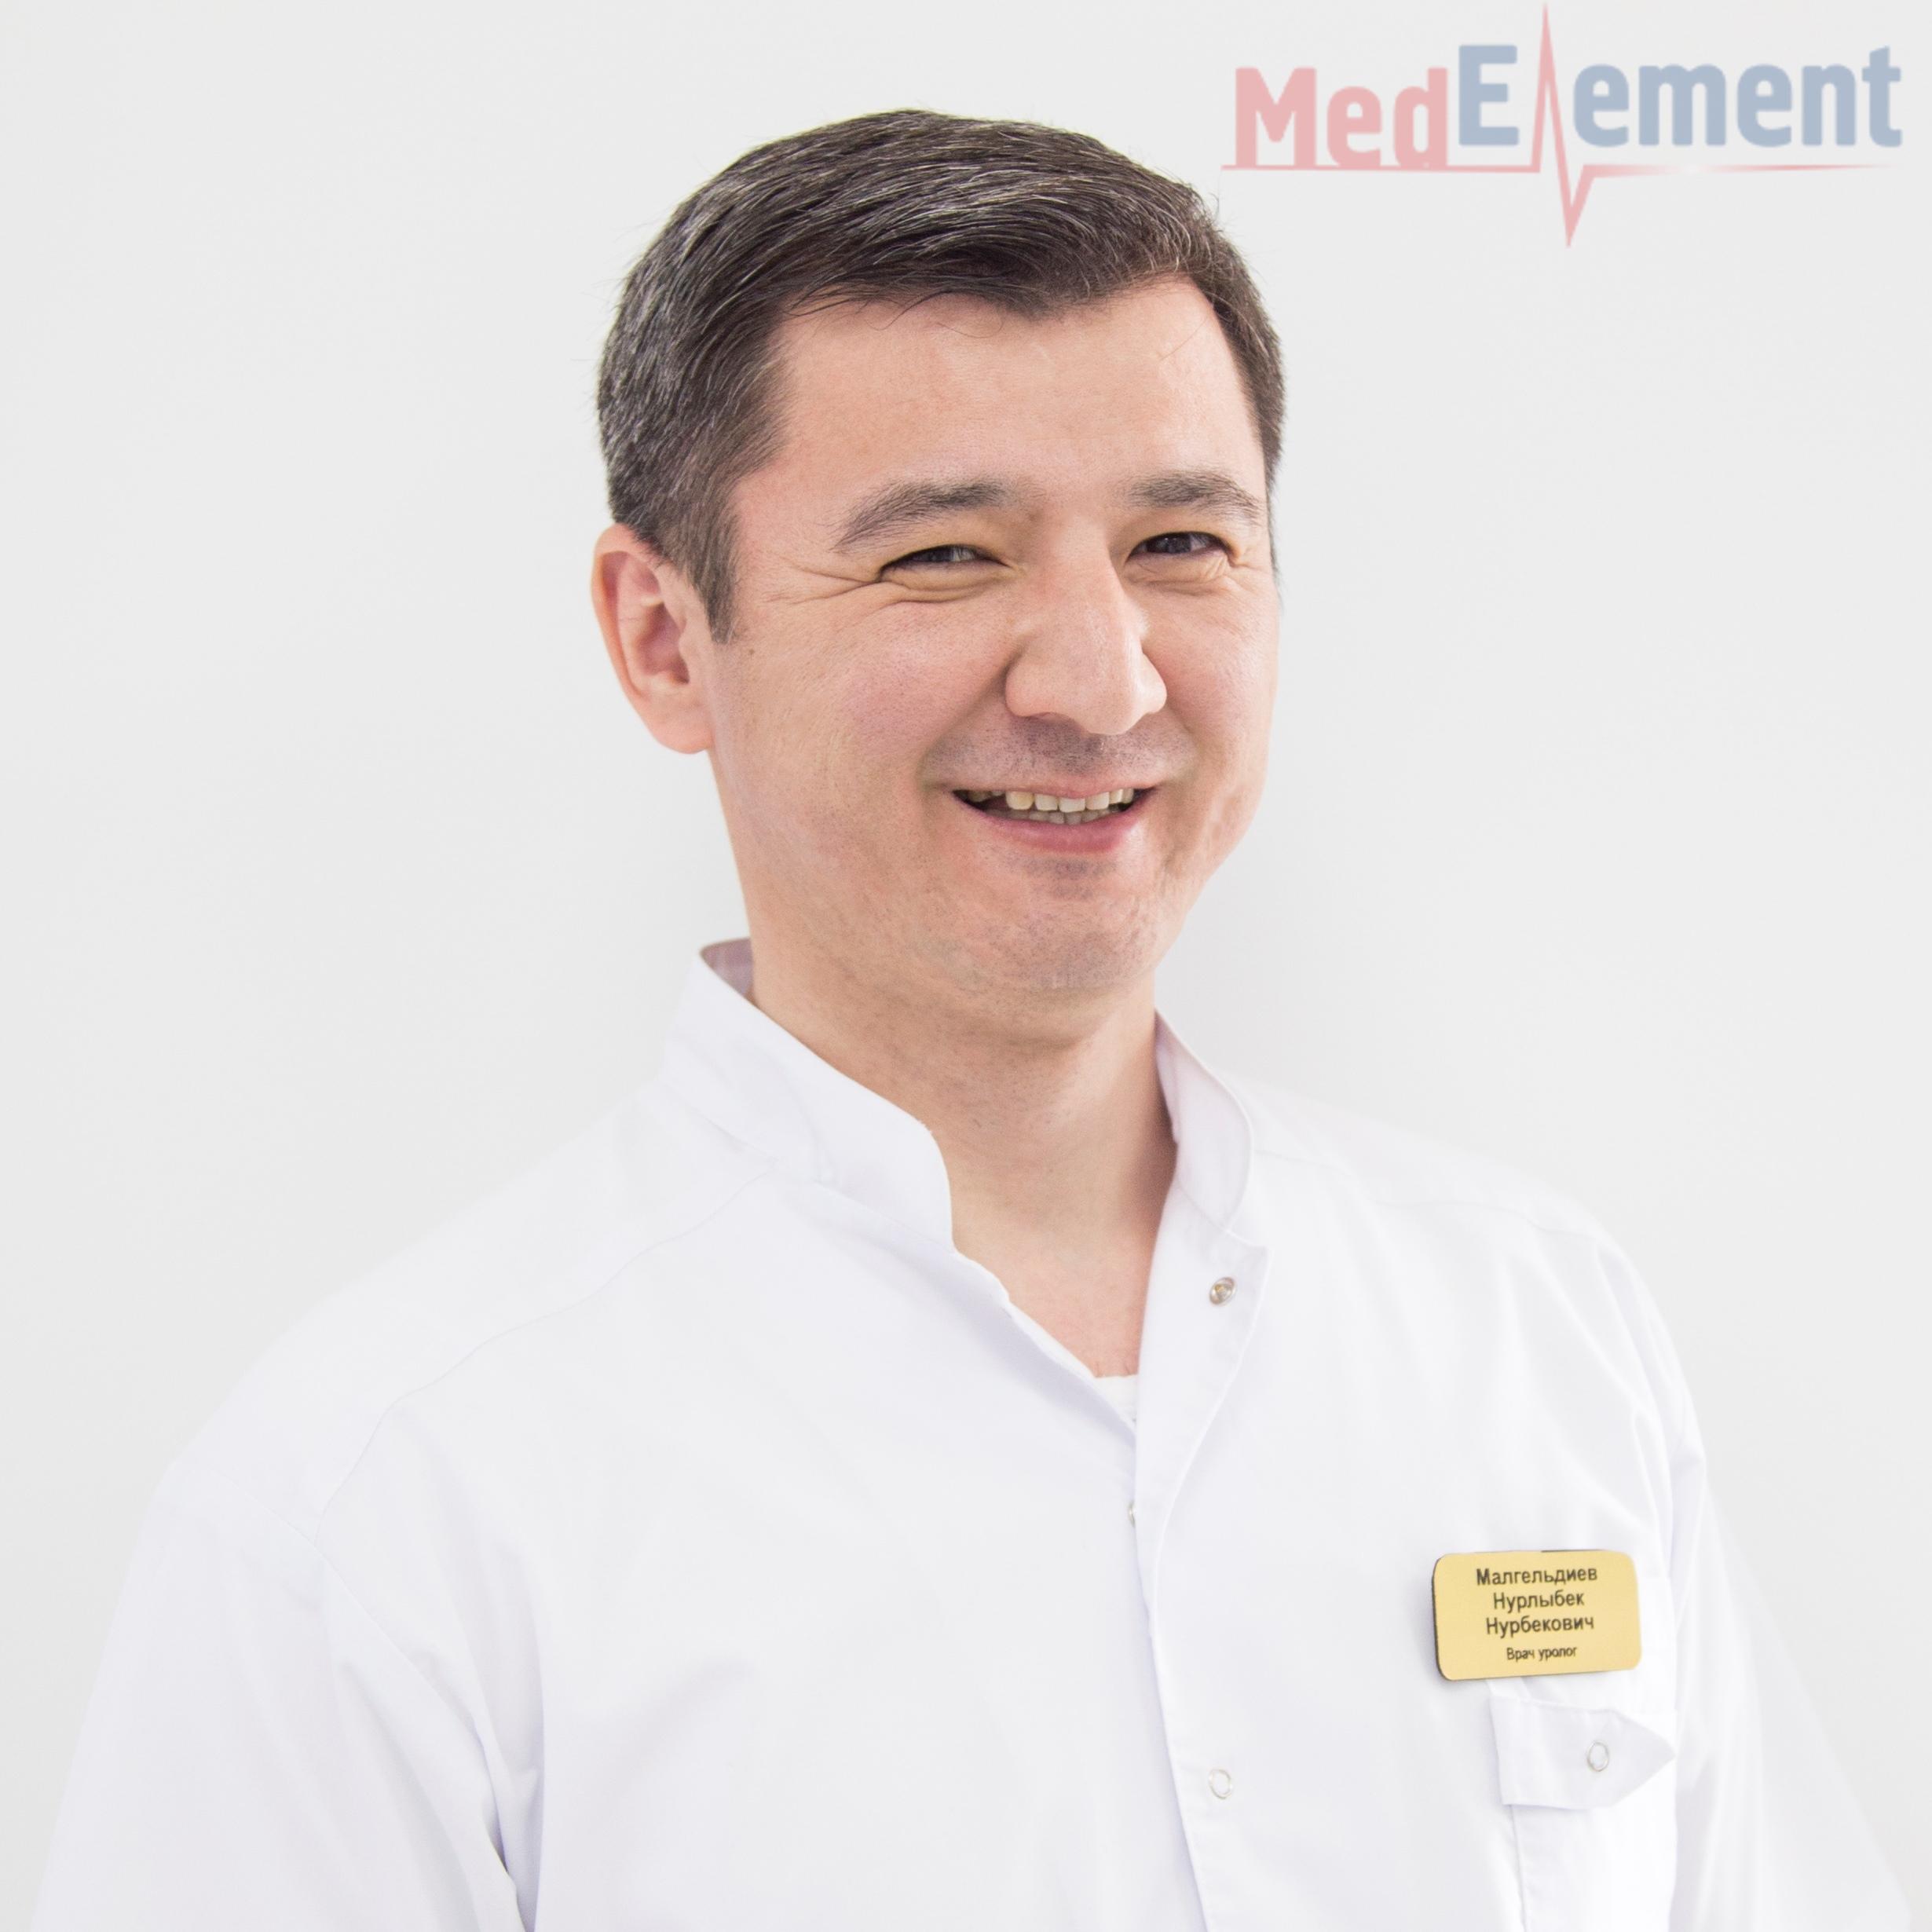 Малгельдиев Нурлыбек Нурбекович